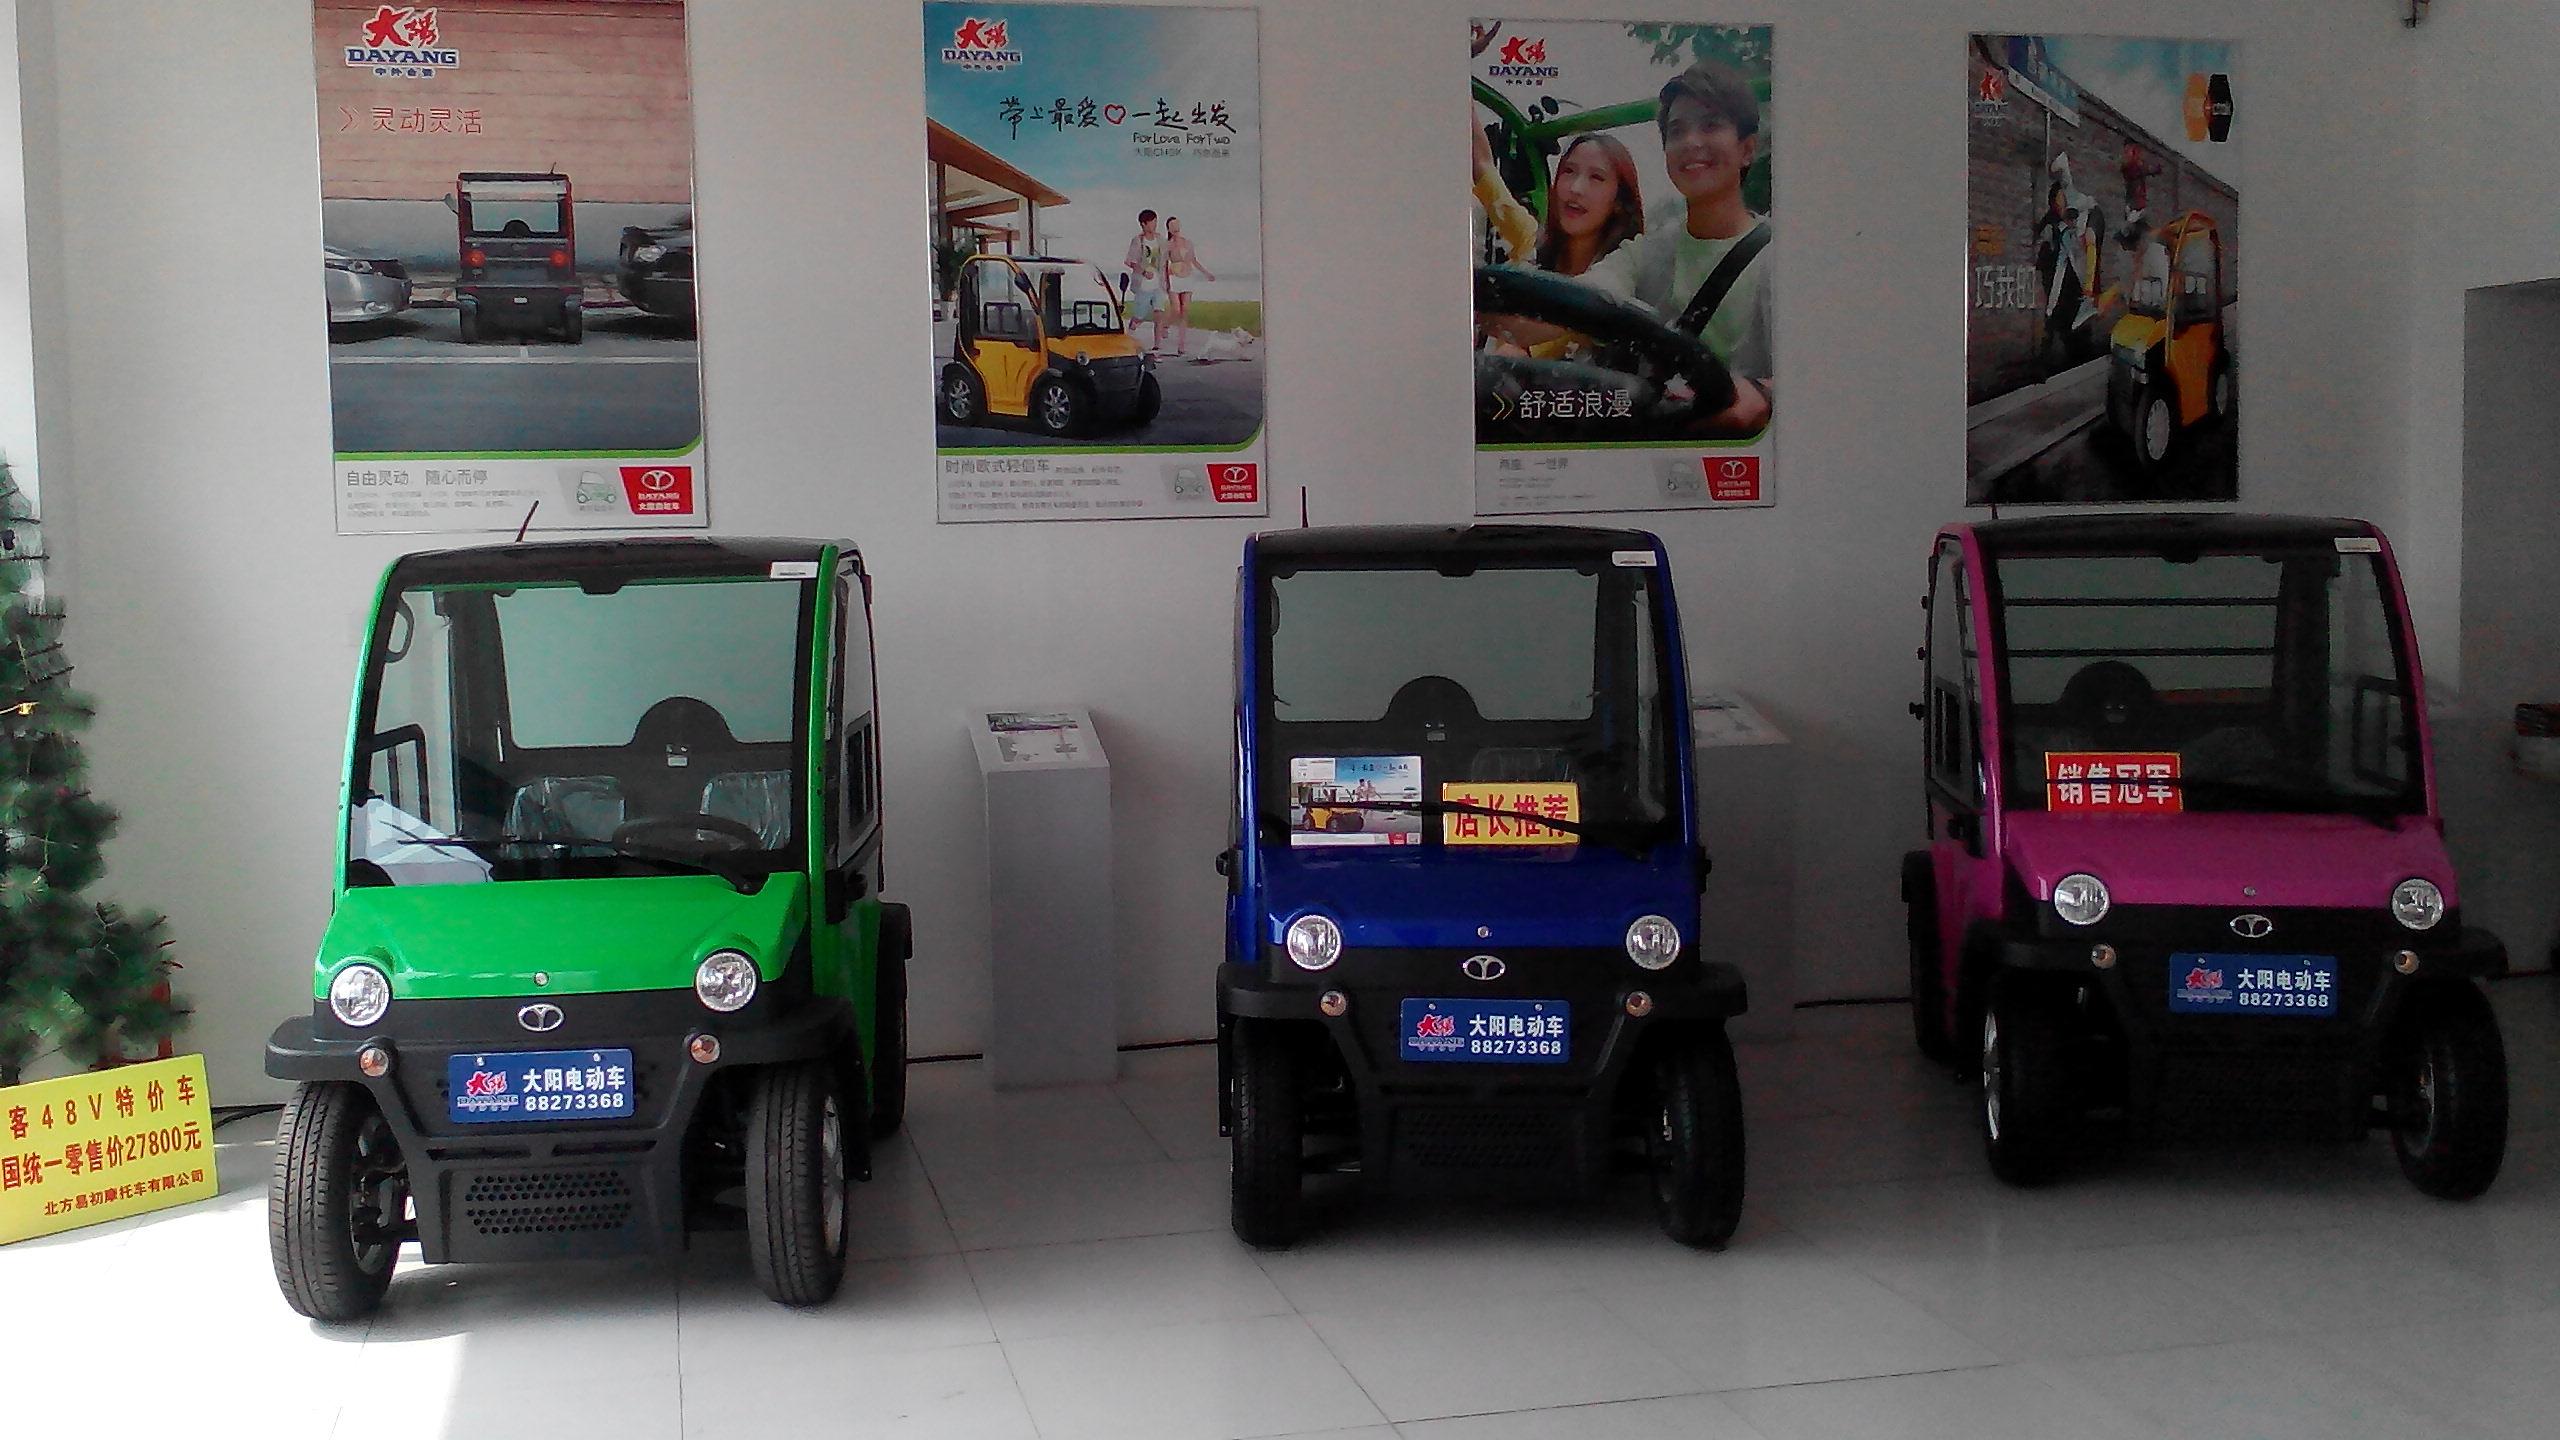 济南大阳四轮电动车专卖店已经迁址到哪里了高清图片